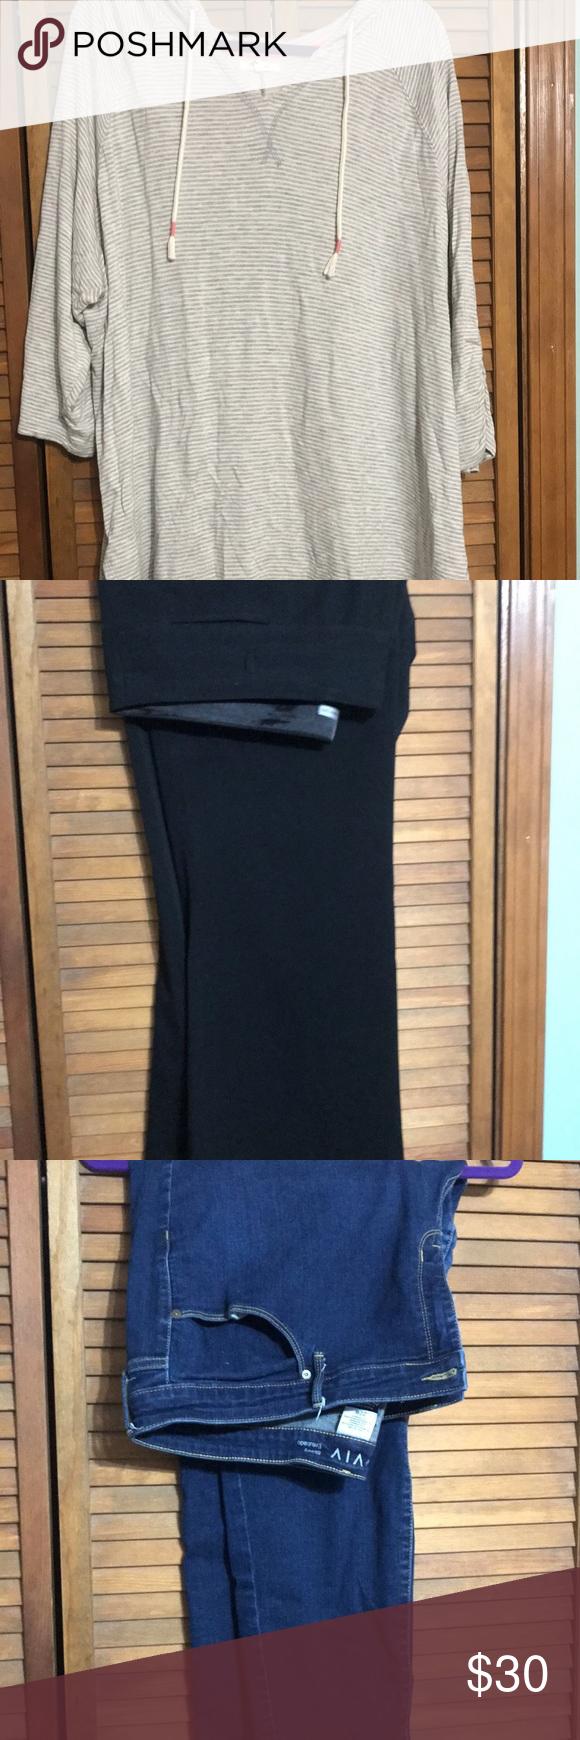 Women S Plus Size Clothes Clothes Plus Size Black Dress Pants [ 1740 x 580 Pixel ]